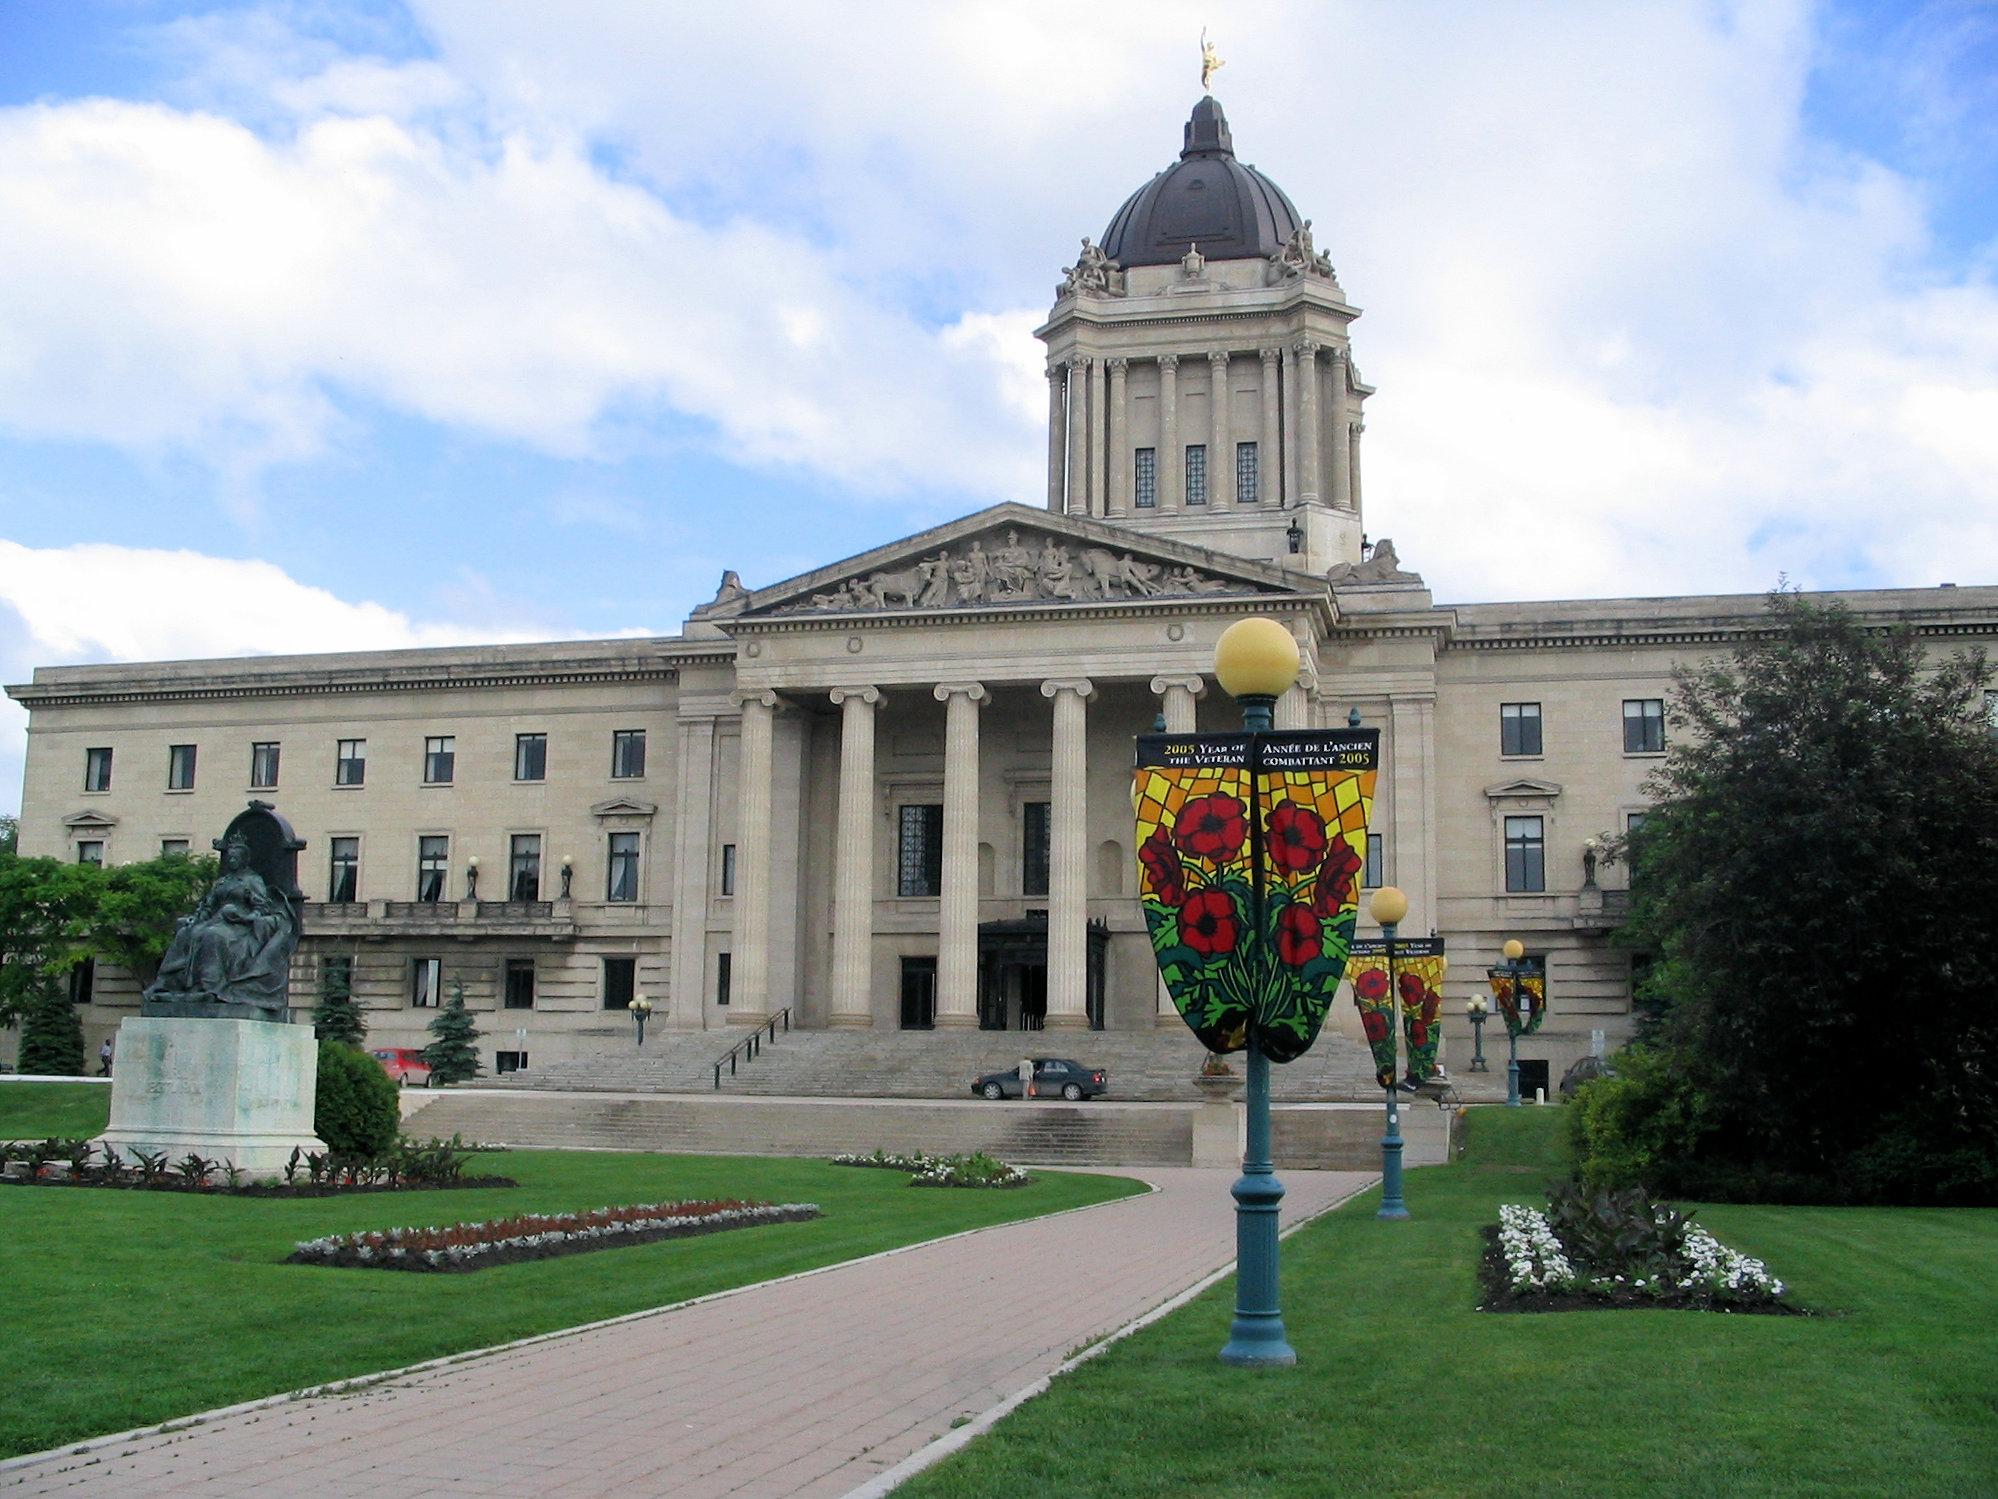 Manitoba's Legislature